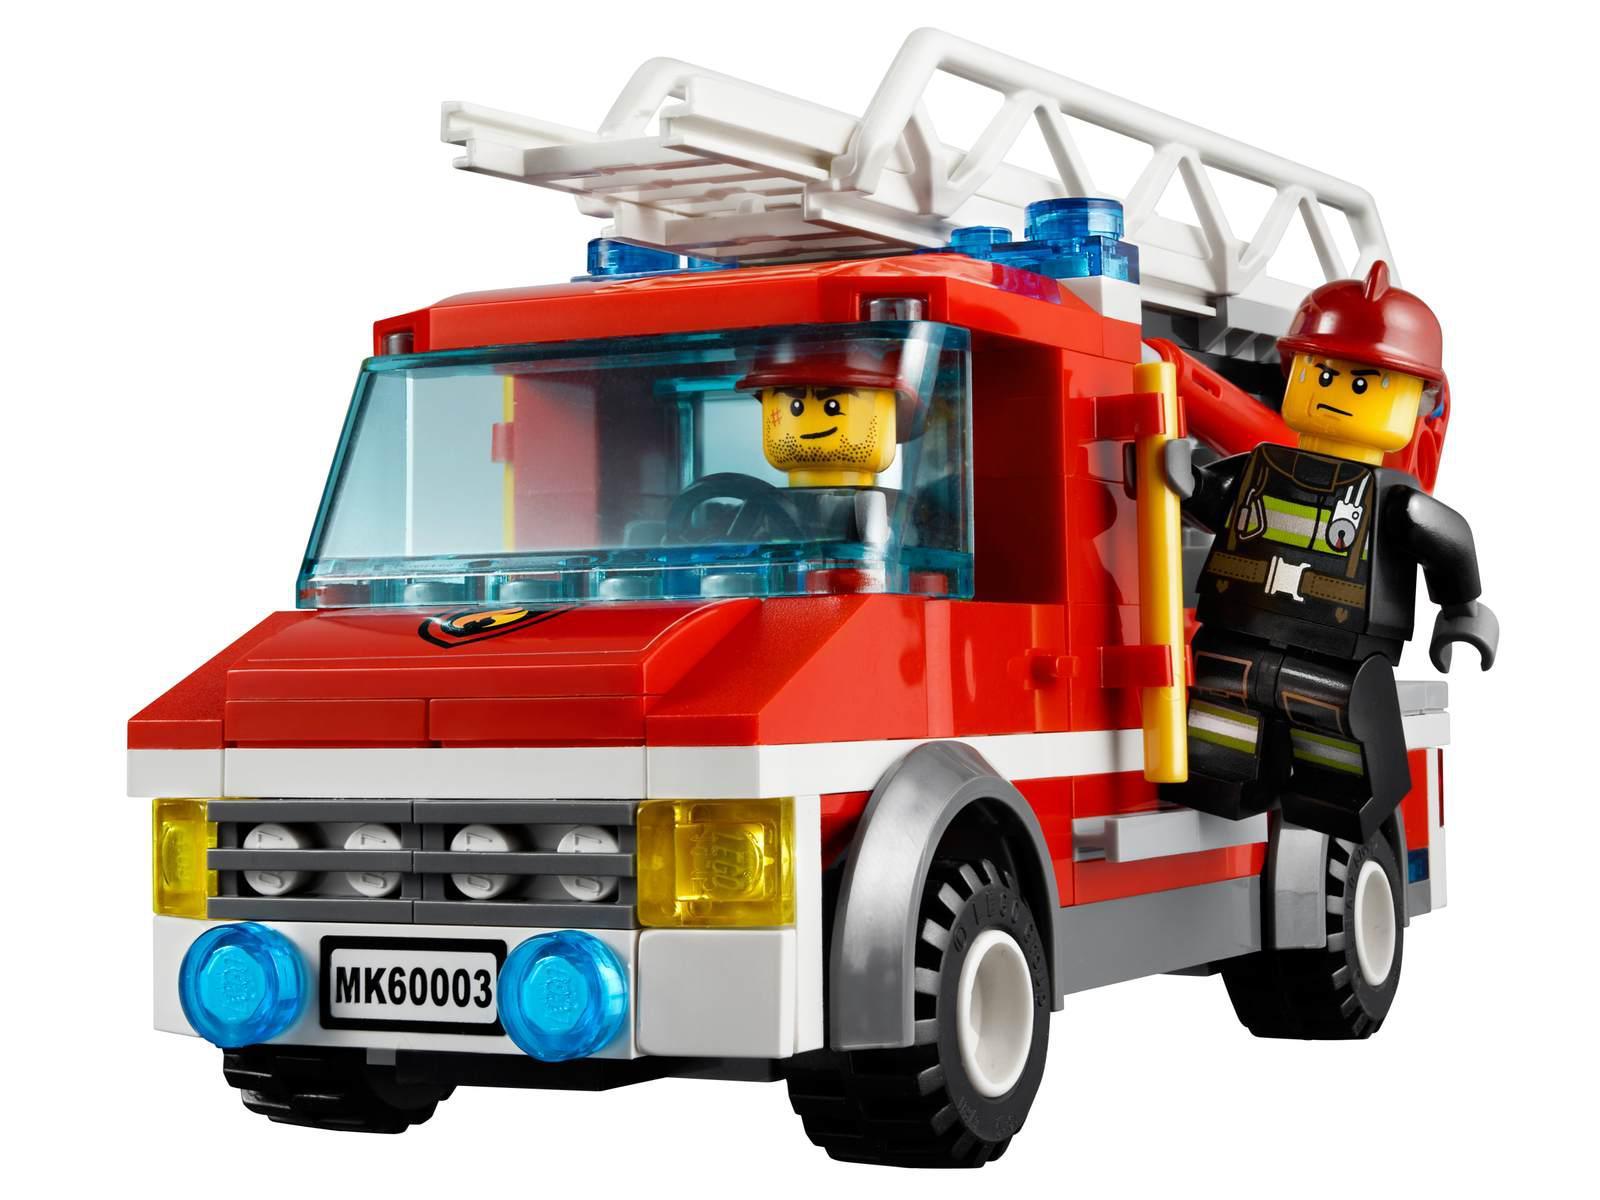 Lego l 39 intervention du camion de pompier - Image camion pompier ...